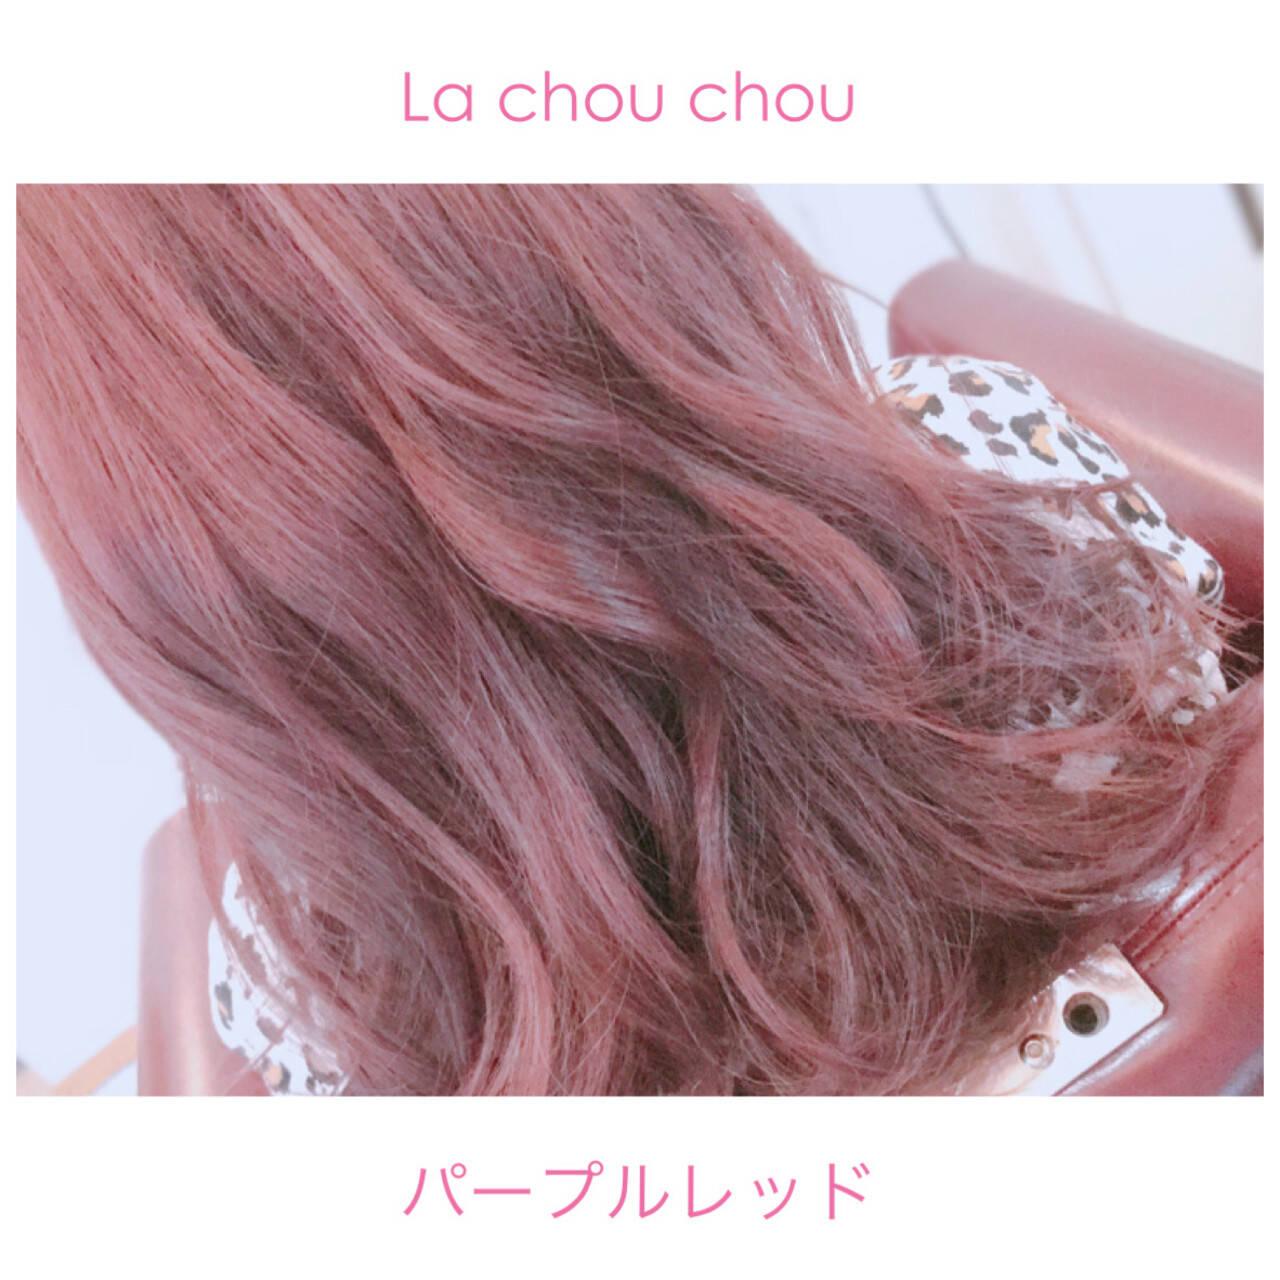 ピンクパープル 髪質改善トリートメント 暖色 ヘアカラーヘアスタイルや髪型の写真・画像